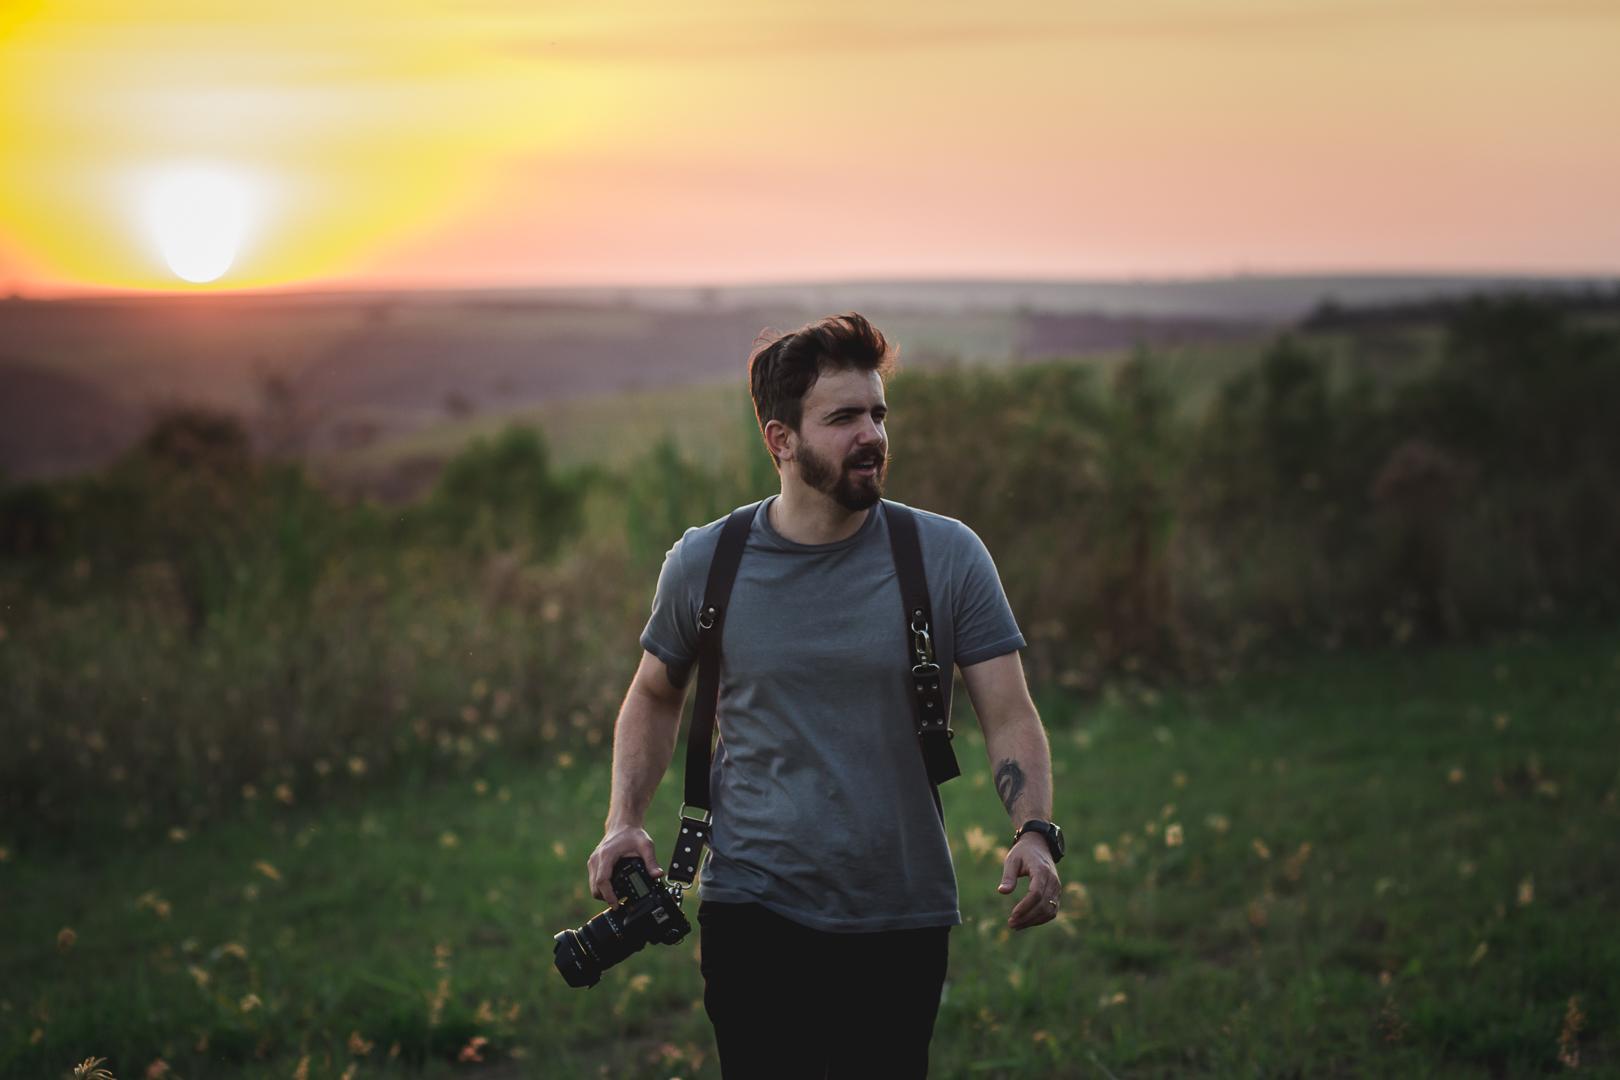 Sobre Gustavo Quagliato - Fotógrafo de Casamento Jaú  Bauru SP e região